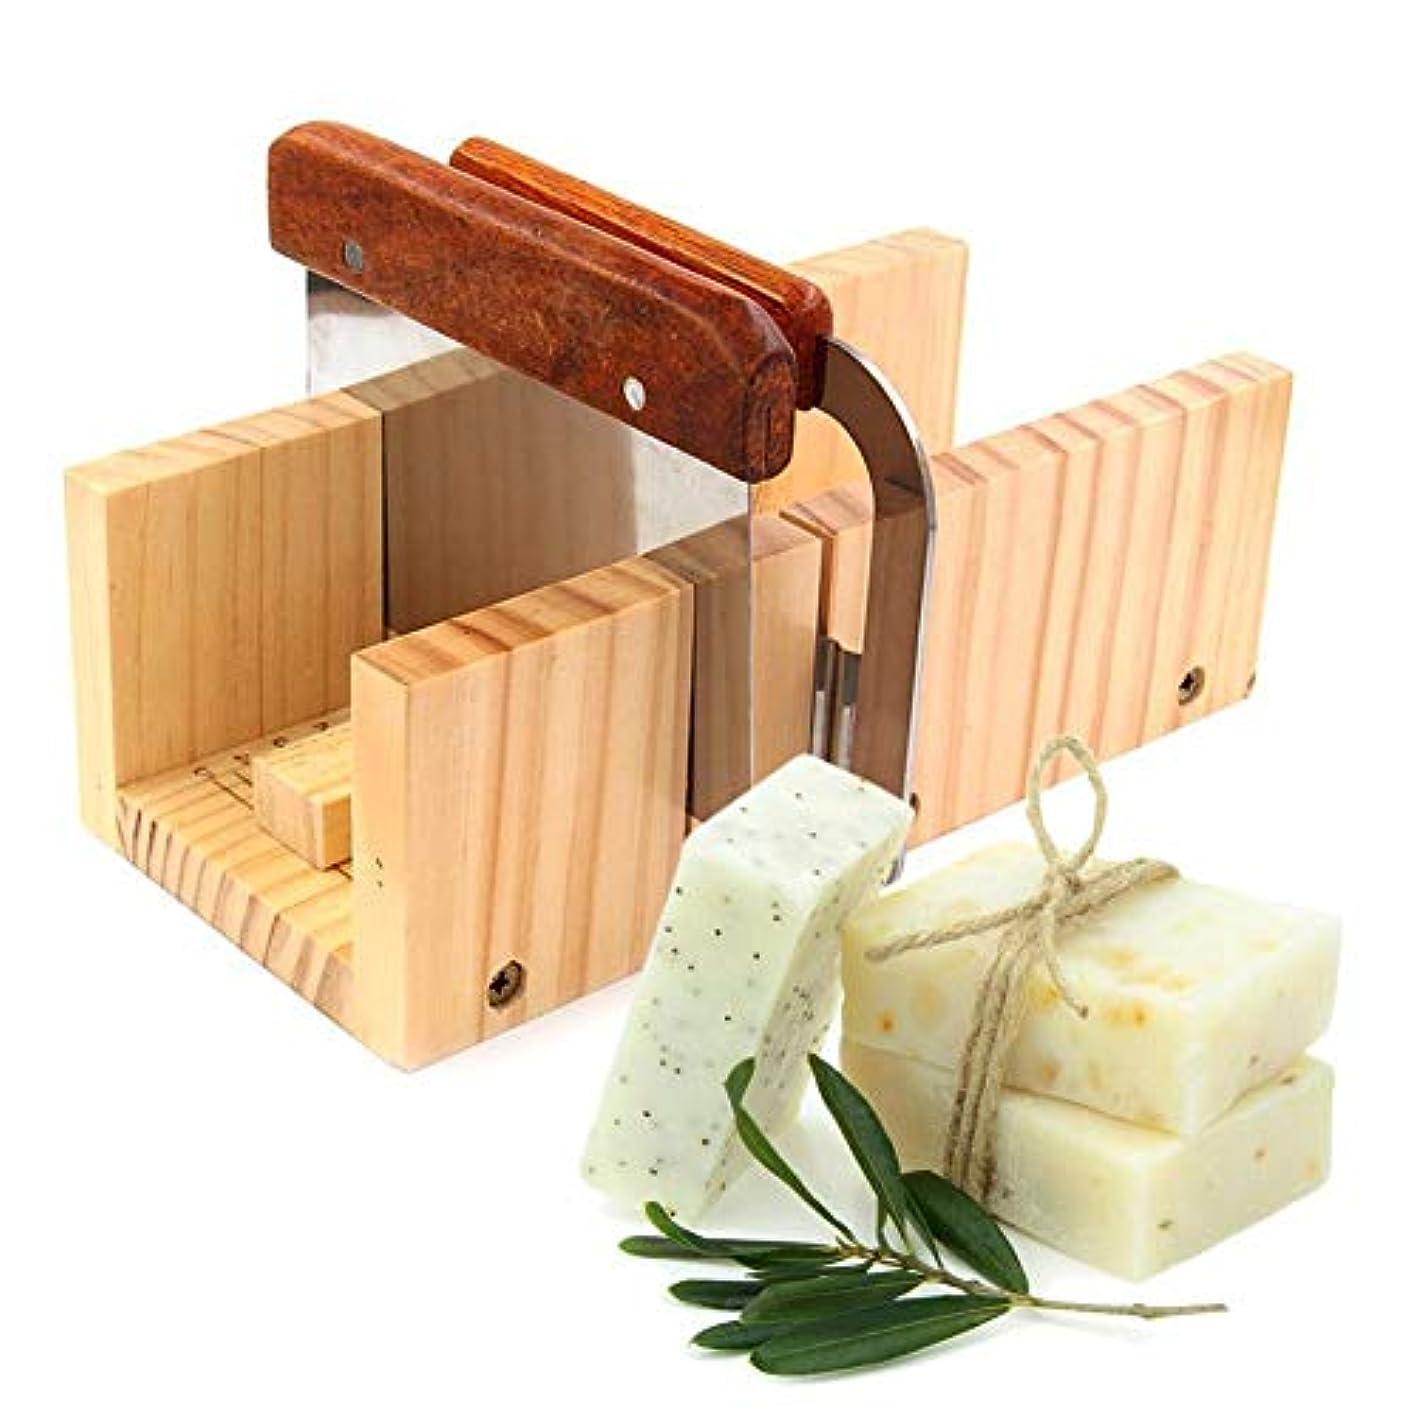 歌状態威信Ragem ソープカッター 手作り石鹸金型 木製 ローフカッターボックス 調整可能 多機能ソープ切削工具 ストレートプレーニングツール